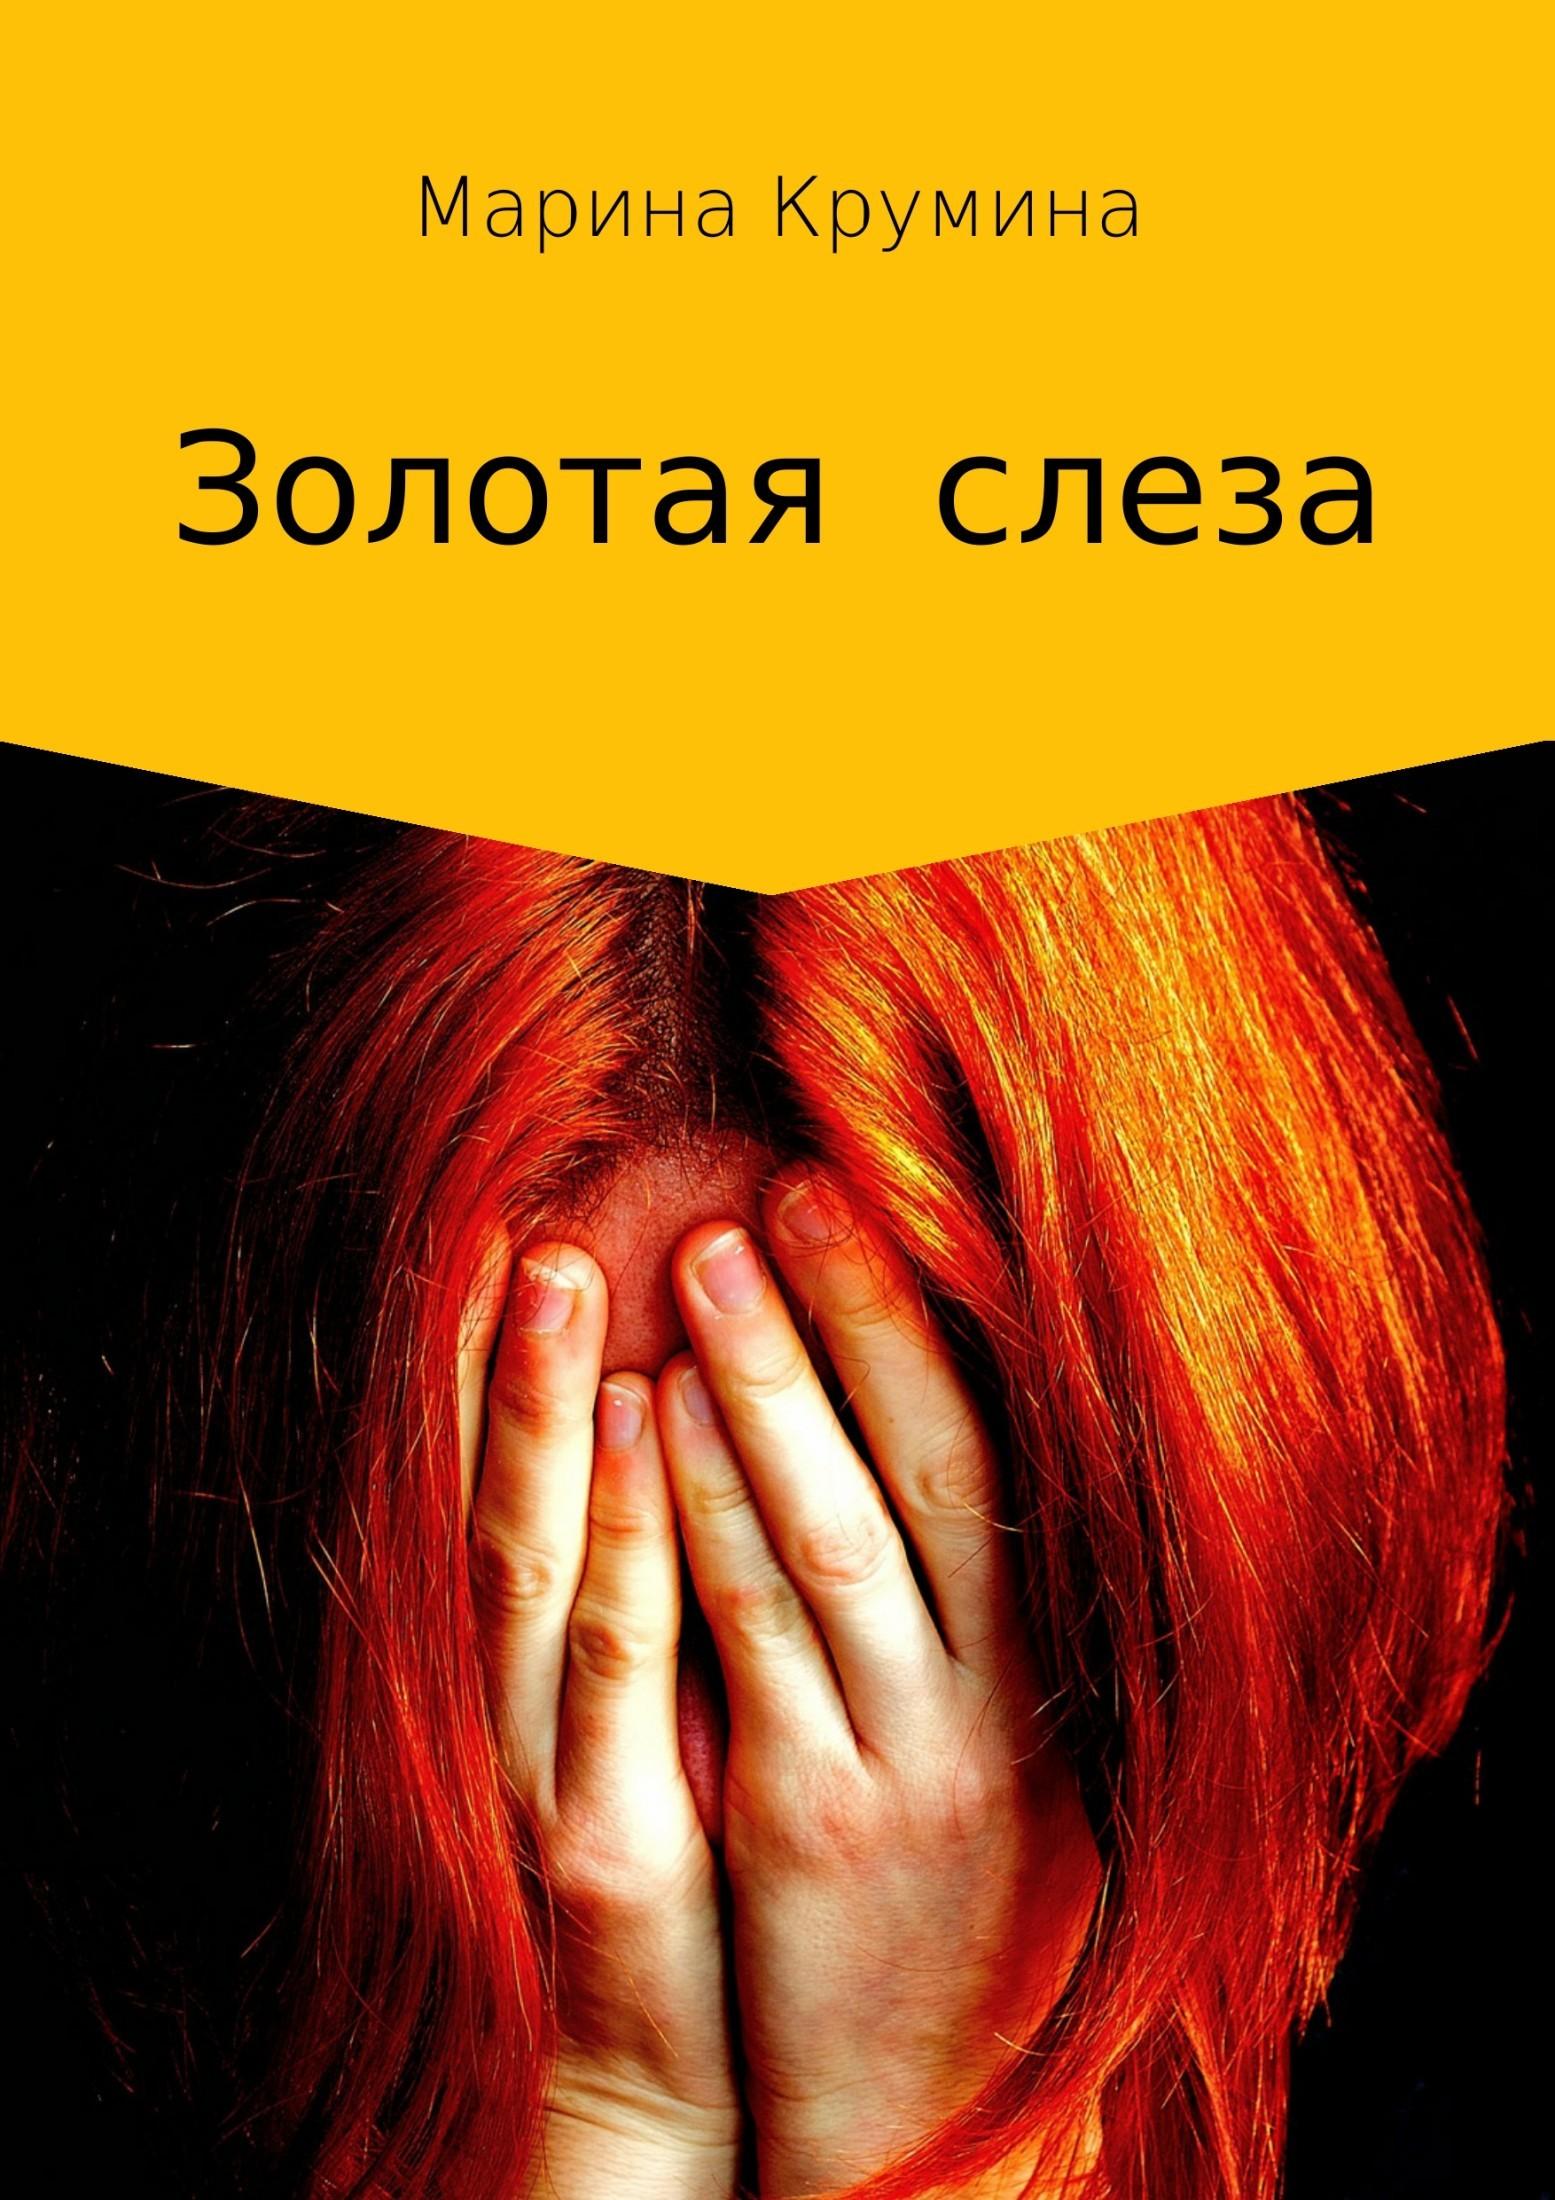 Марина Крумина - Золотая слеза